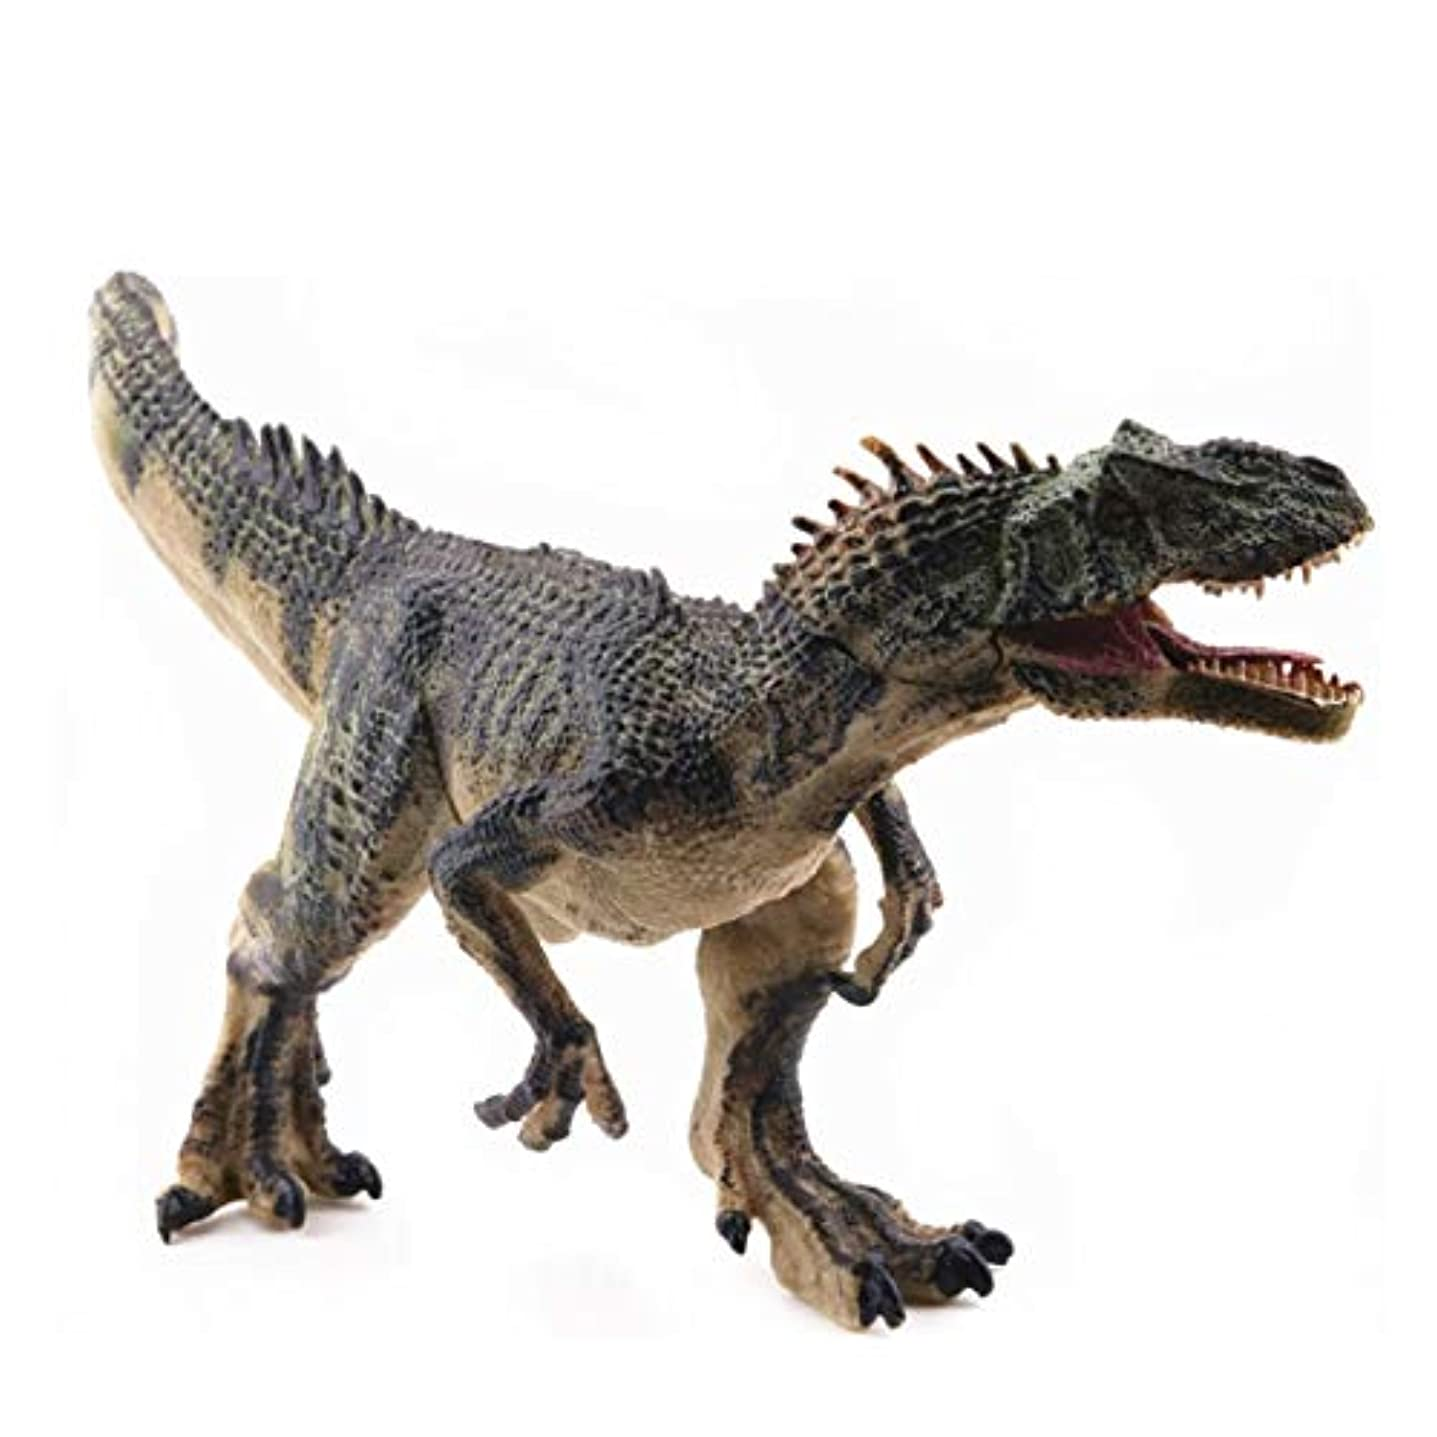 キリストカッター柔らかさSaikogoods シミュレーションアロサウルスリアルな恐竜の模型玩具置物アクションは 子供のためのホームインテリア教育玩具フィギュア 緑